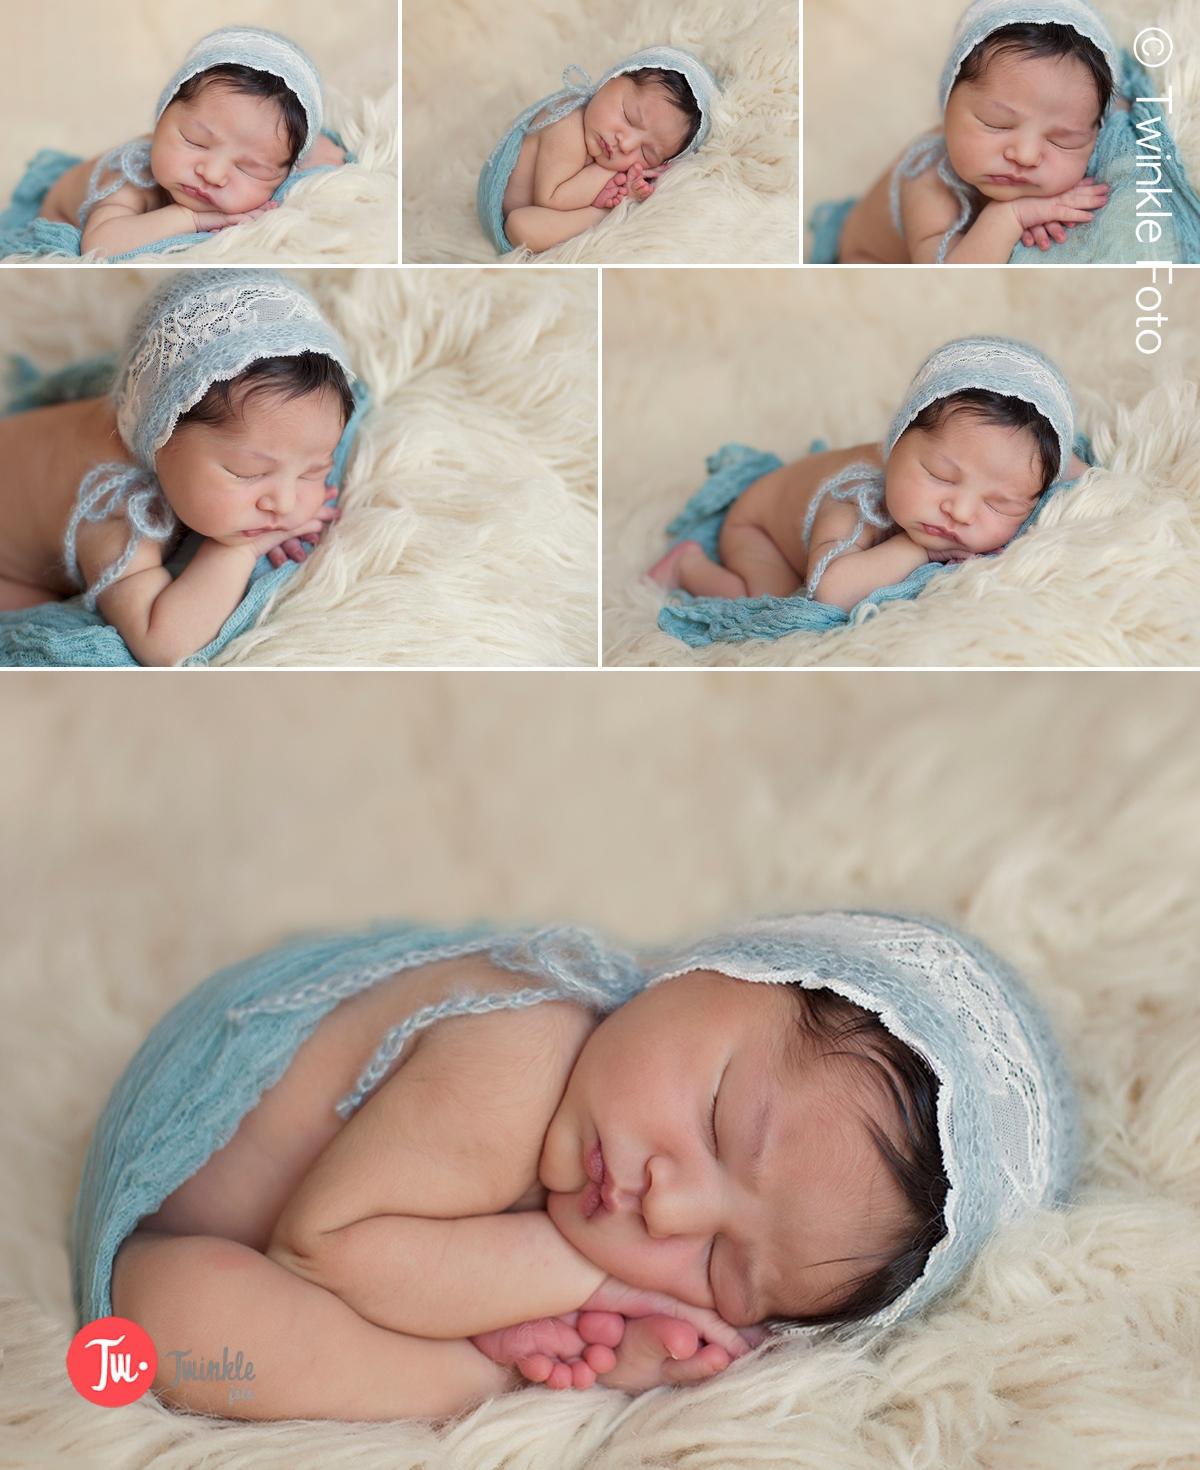 fotos_newborn_bebe_valencia_ las mejores fotos de bebes_amparo palop_04 SESION NEWBORN EN VALENCIA